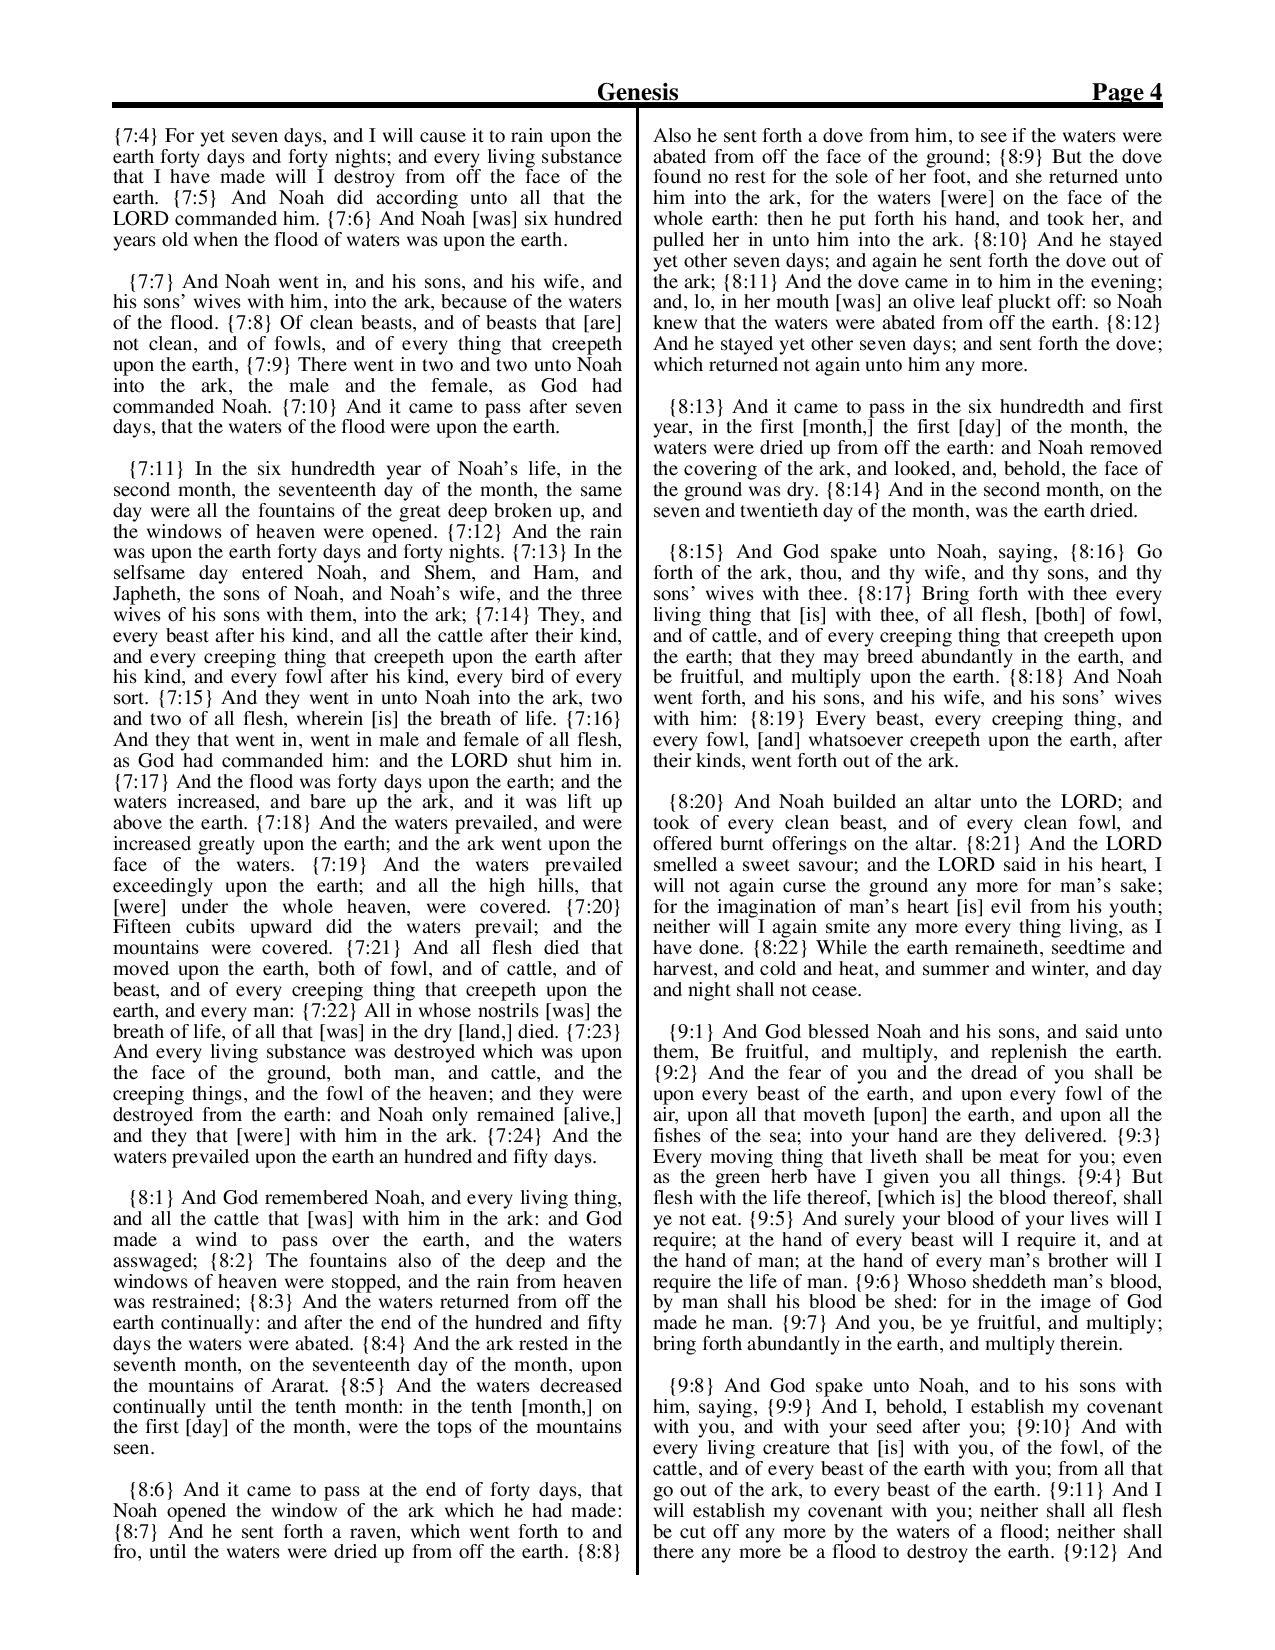 King-James-Bible-KJV-Bible-PDF-page-025